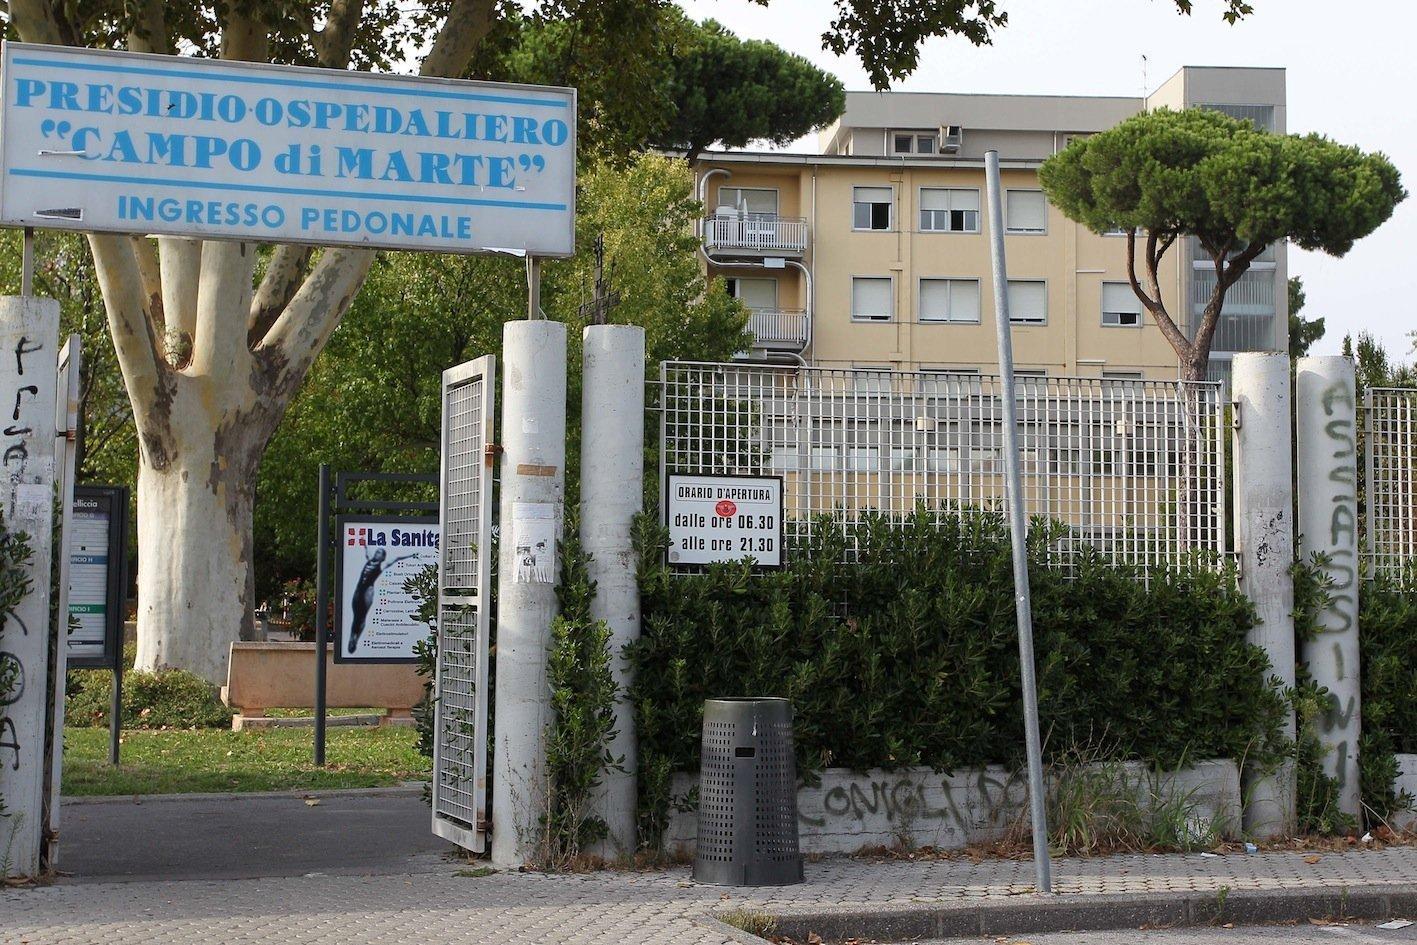 Marchetti: Lucca e il Campo di Marte, da Comune e Asl una resa